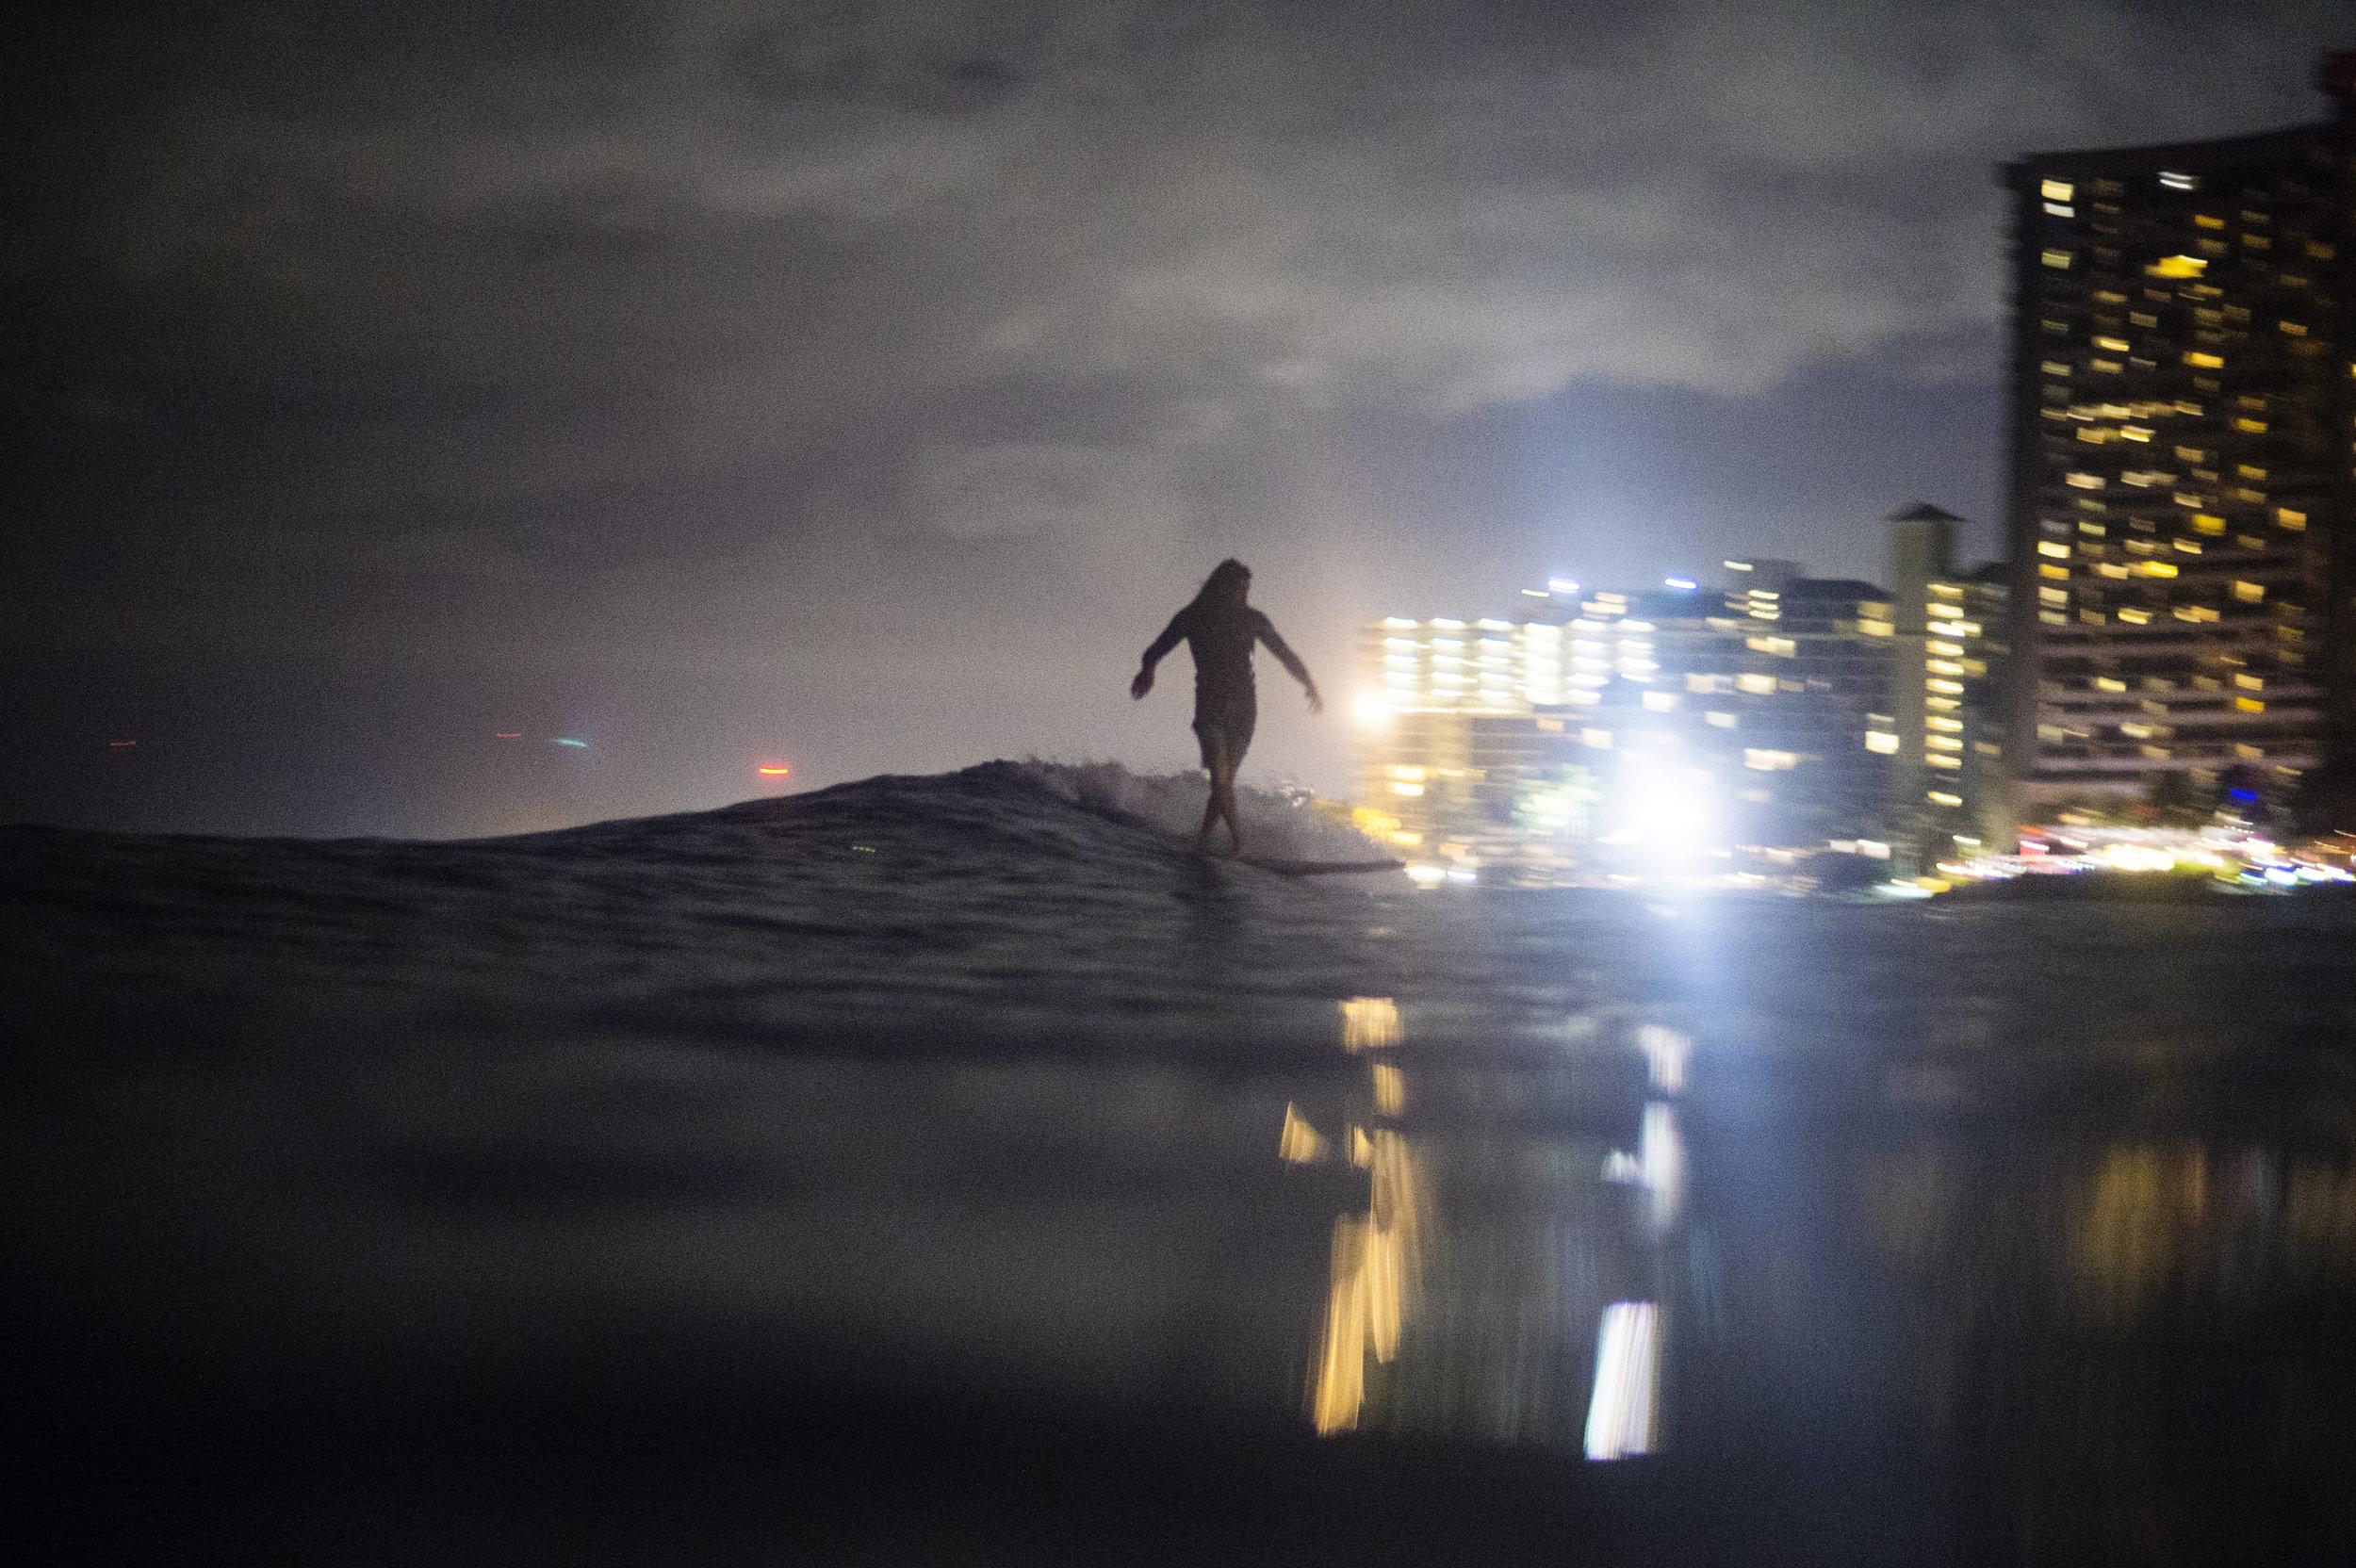 night_surfing_waikiki0016.jpg